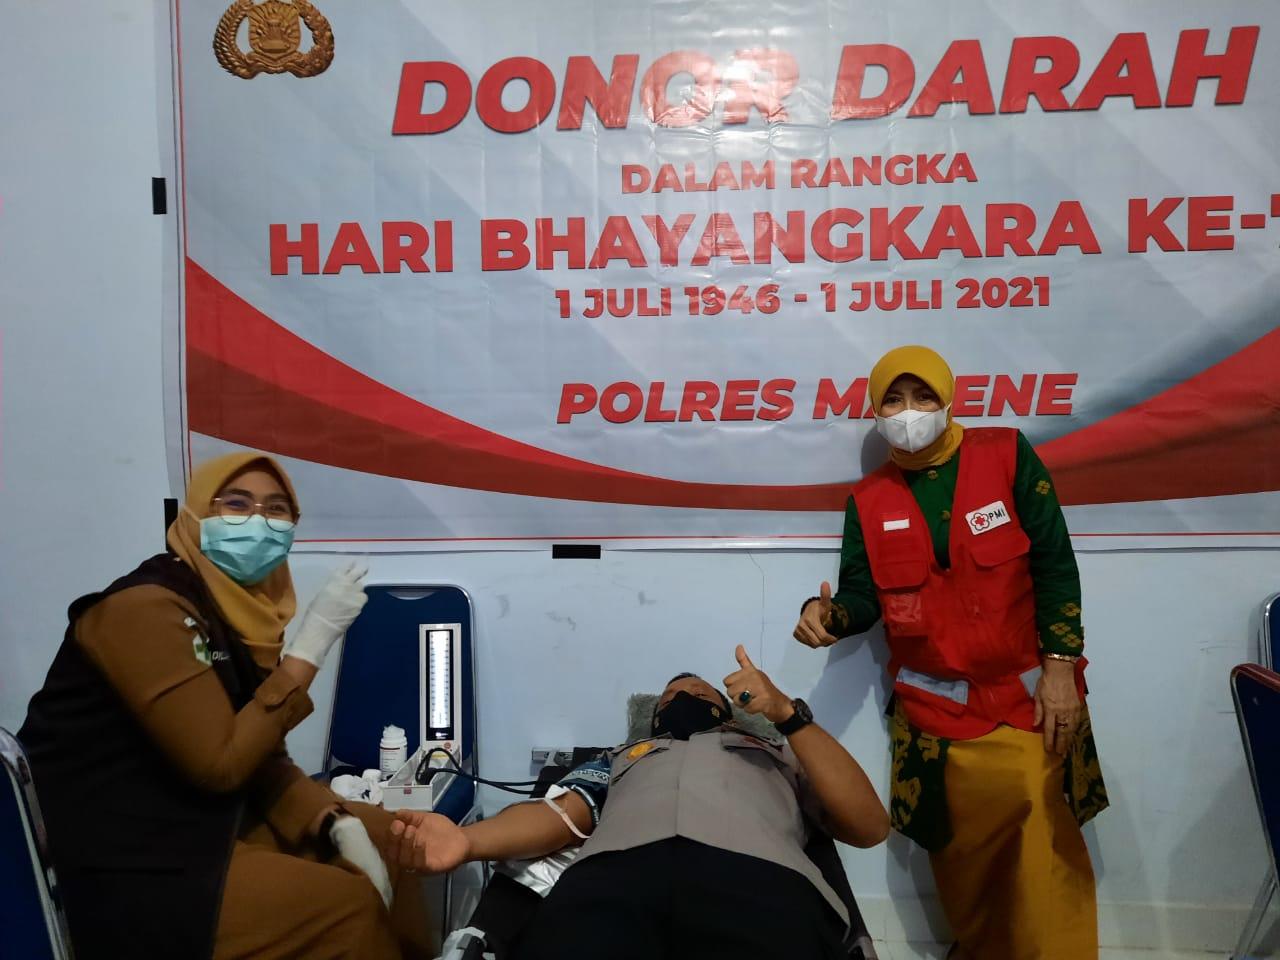 Sambut Hari Bhayangkara Ke-75 Polres Majene Gelar Donor Darah